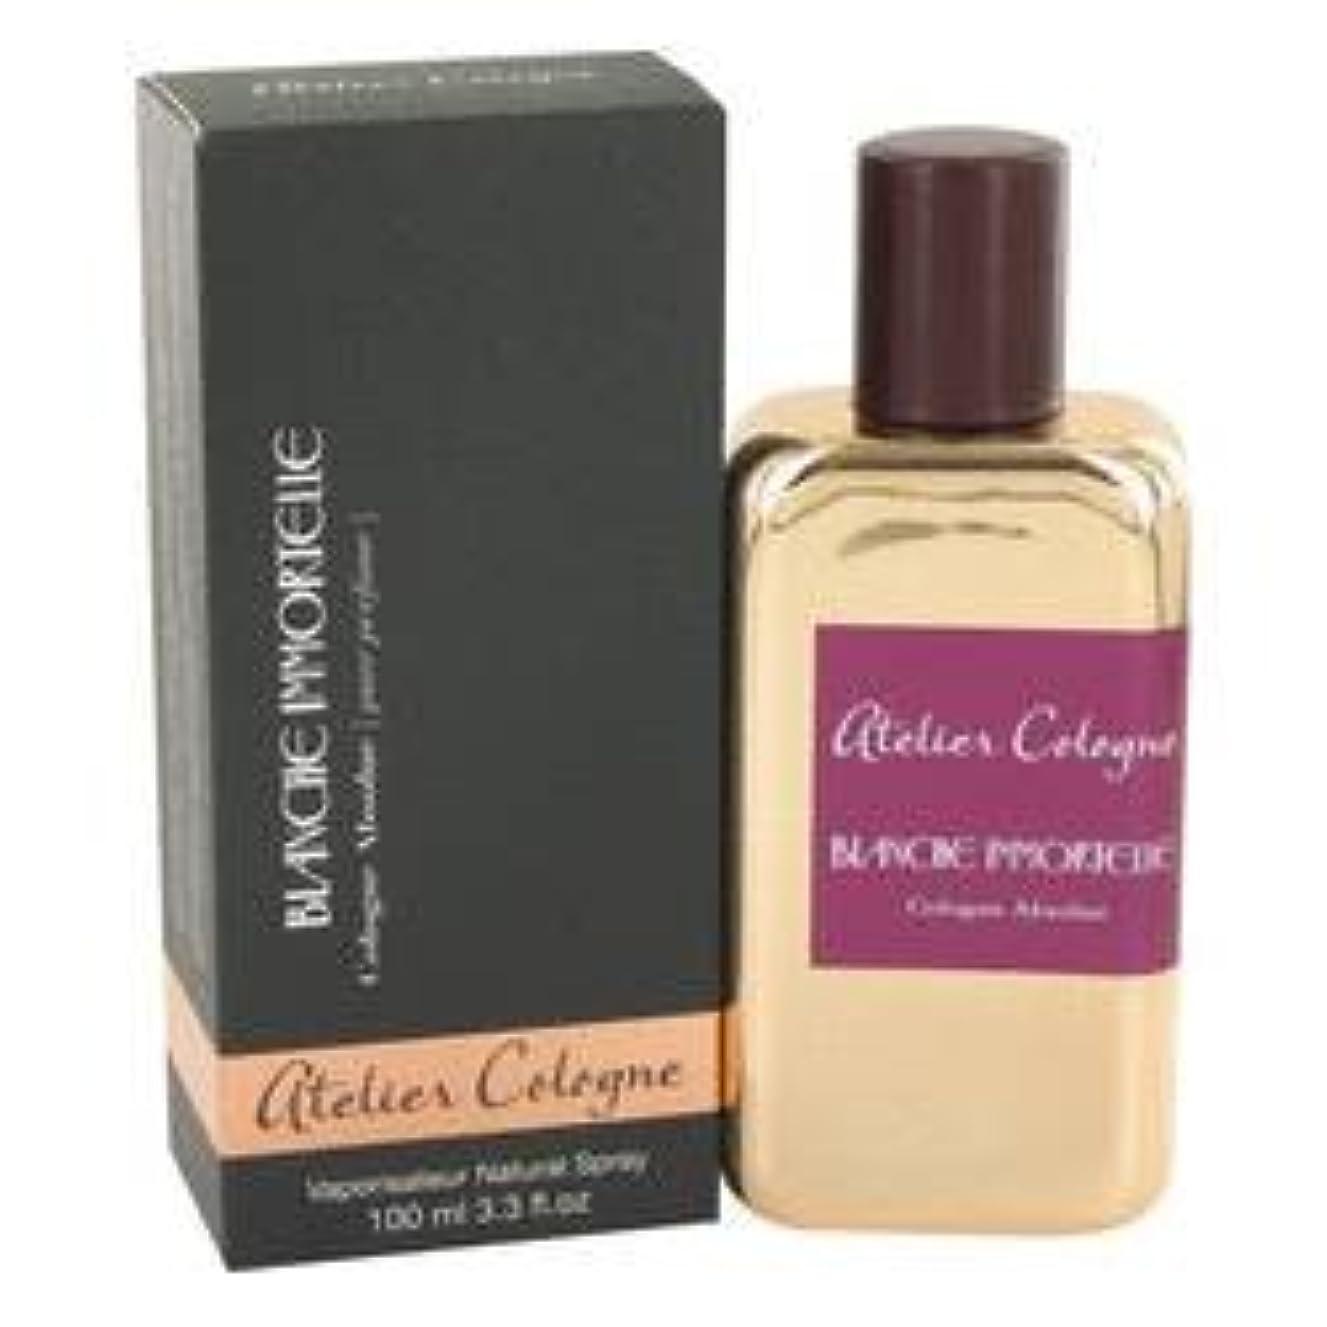 また明日ねダイジェスト文房具Blanche Immortelle Pure Perfume Spray By Atelier Cologne